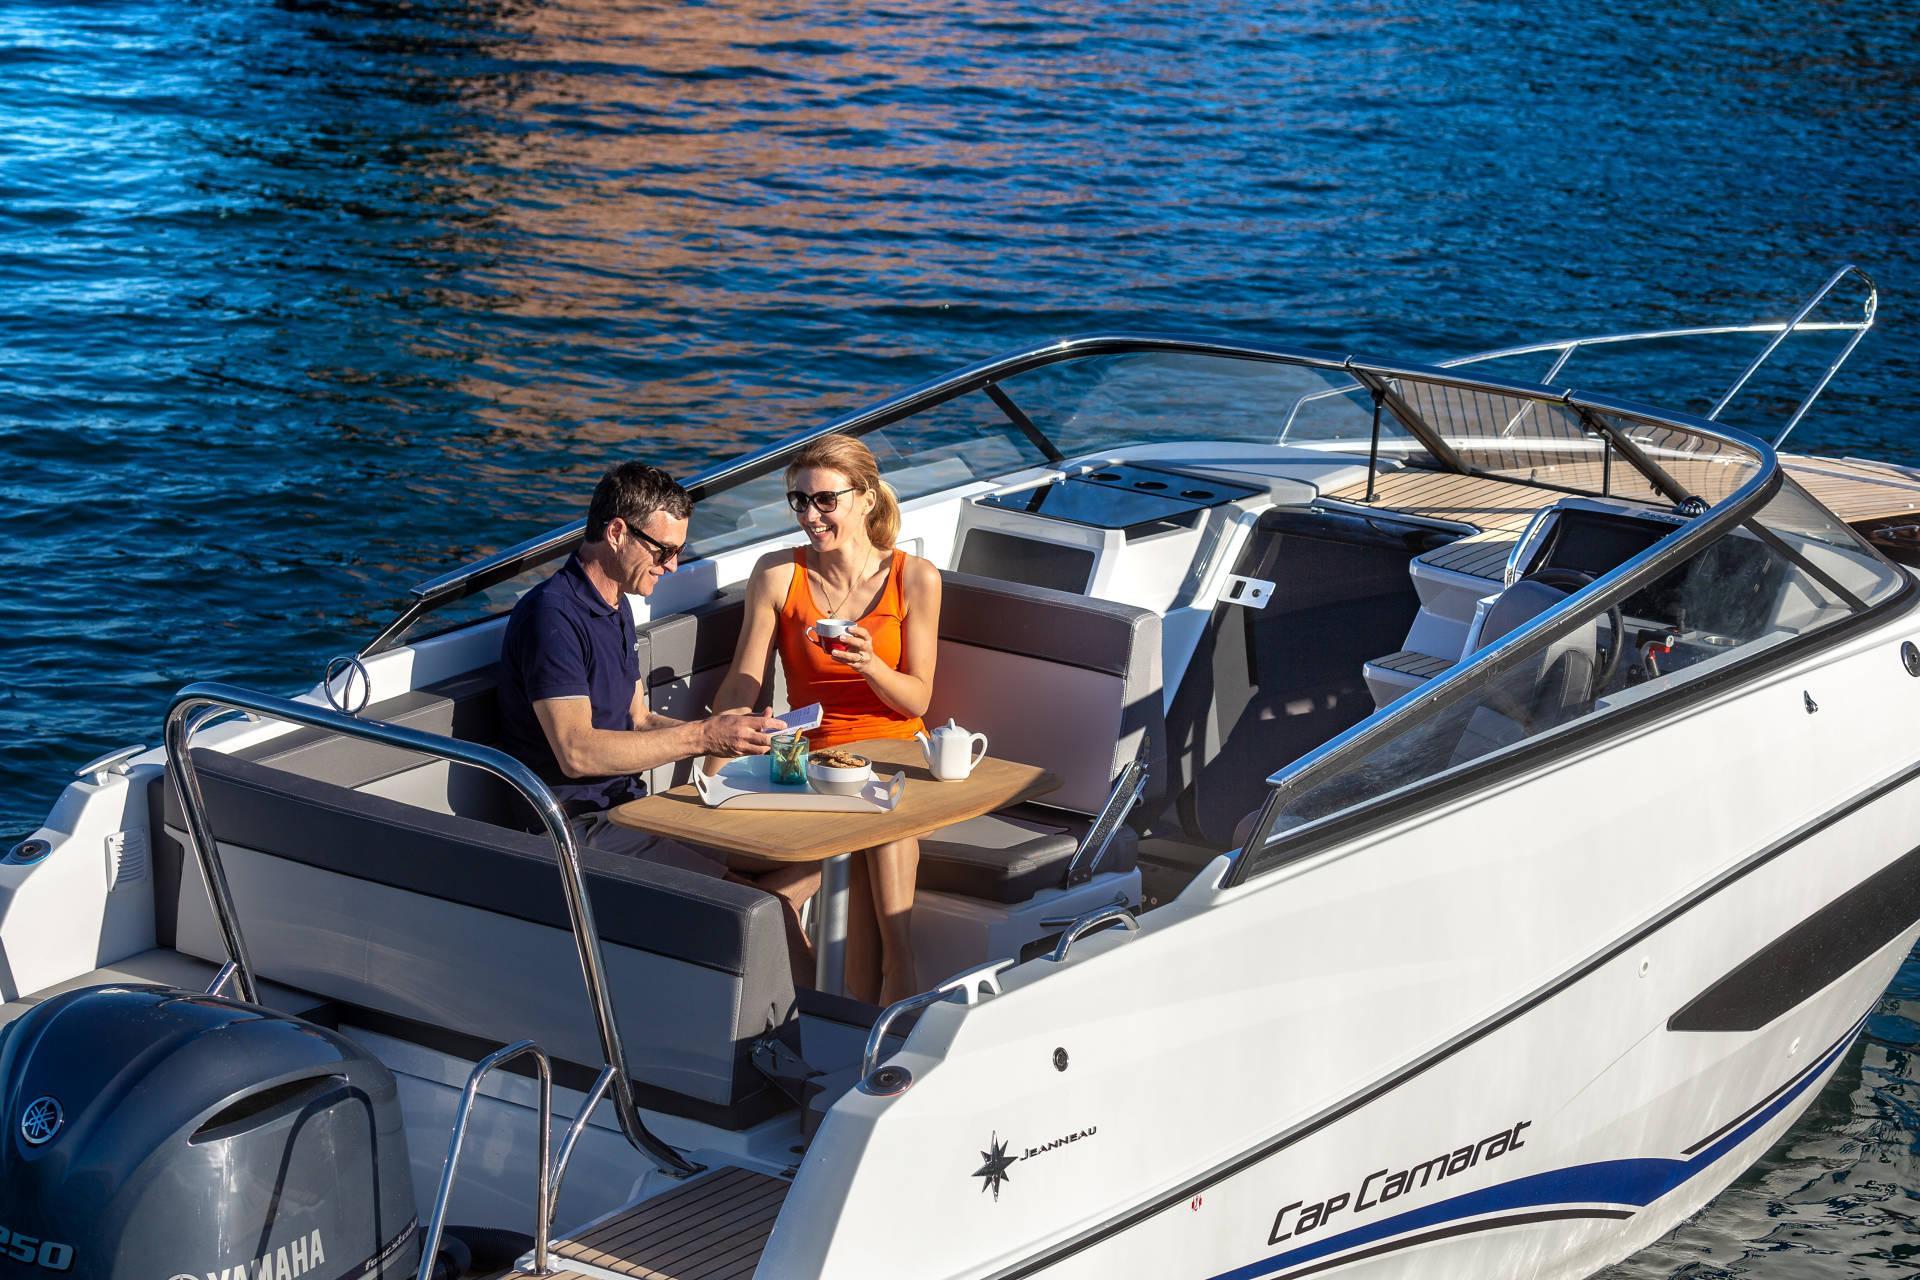 Cap Camarat 7.5 DC Serie 2 motorboat deck